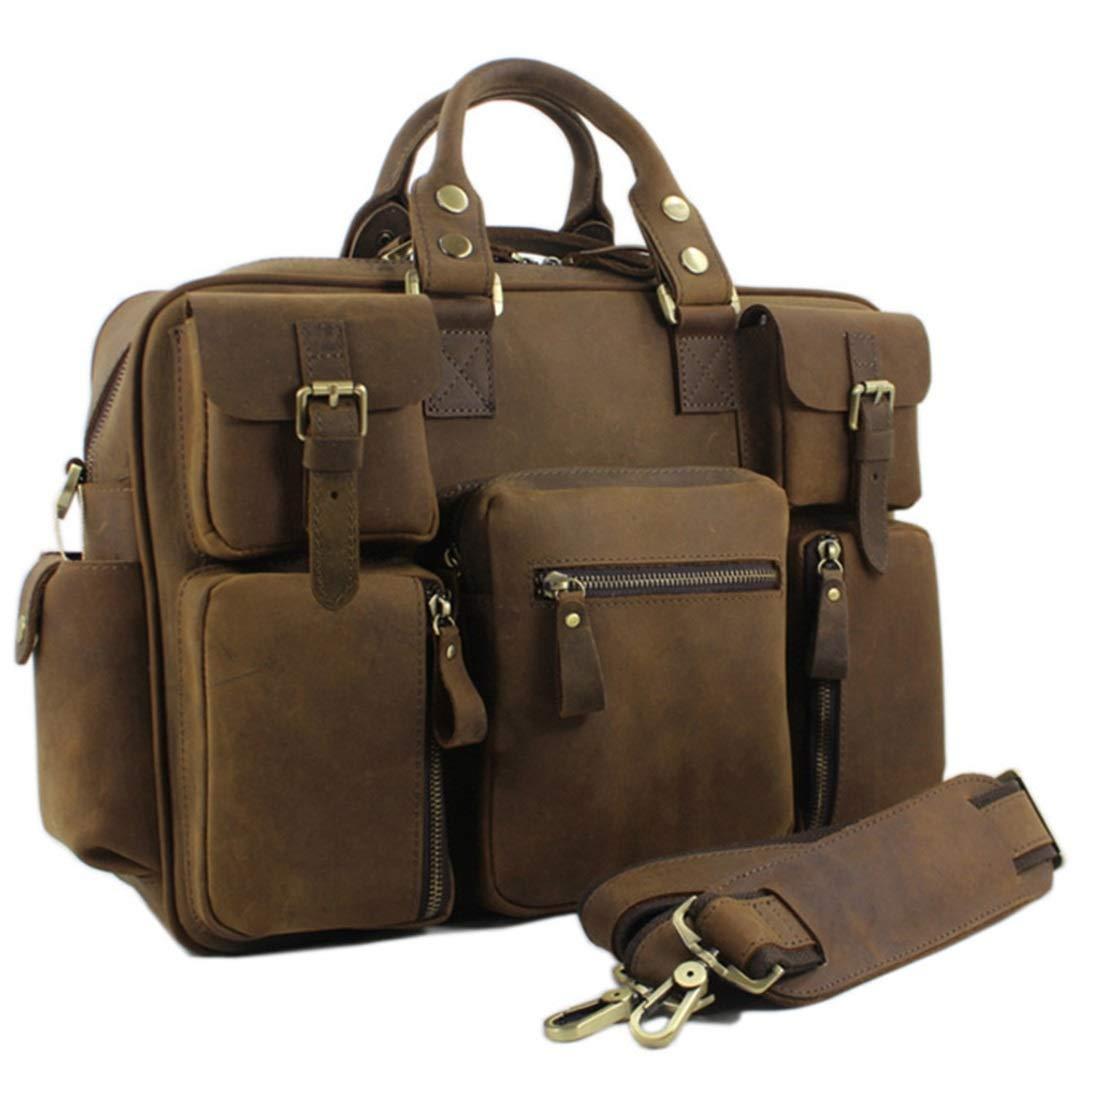 トートバッグ,手提げバッグ ポータブルトラベルバッグメンズダッフルバッグ本革ショルダーバッグクロスボディバッグ。 出勤,通学,持ち運び便利 (色 : ブラウン) B07RFQQWBS ブラウン